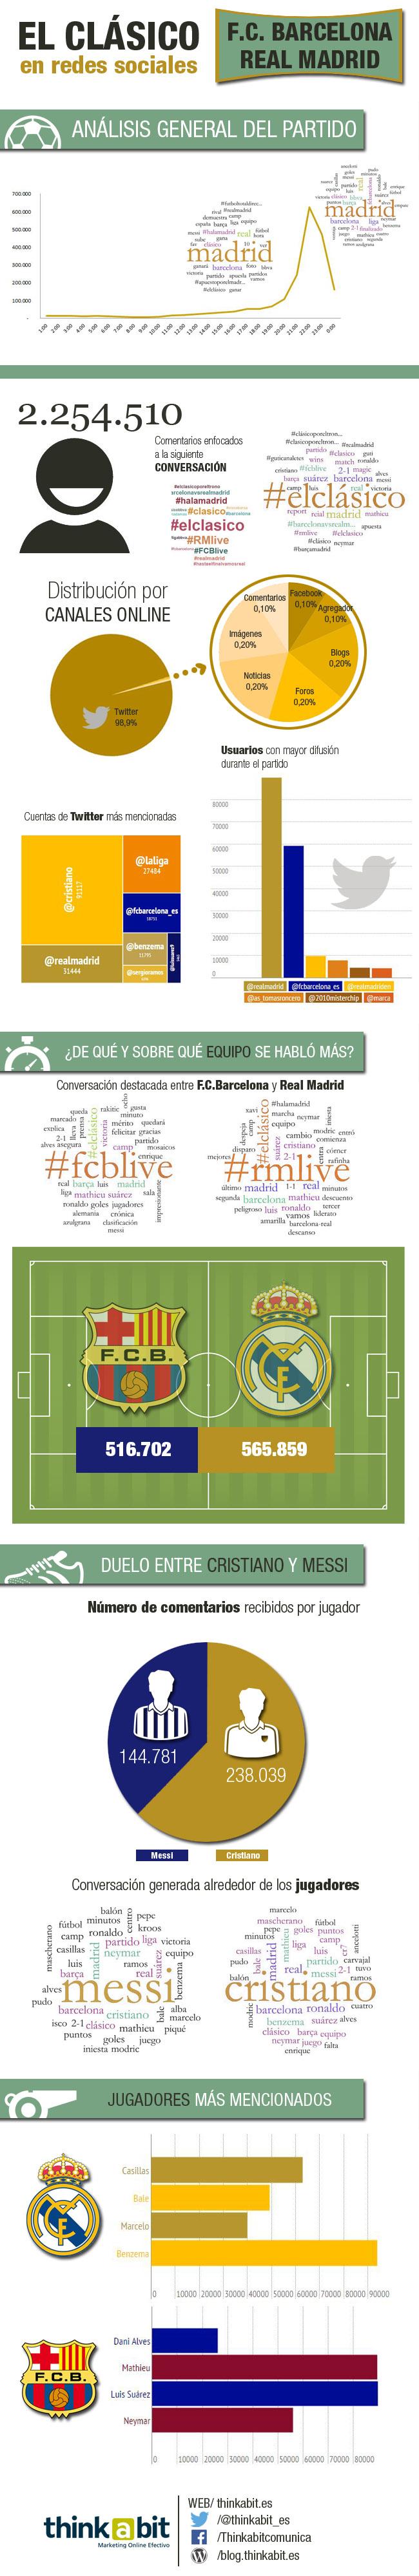 Análsis del Clásico Real Madrid Barcelona en redes sociales